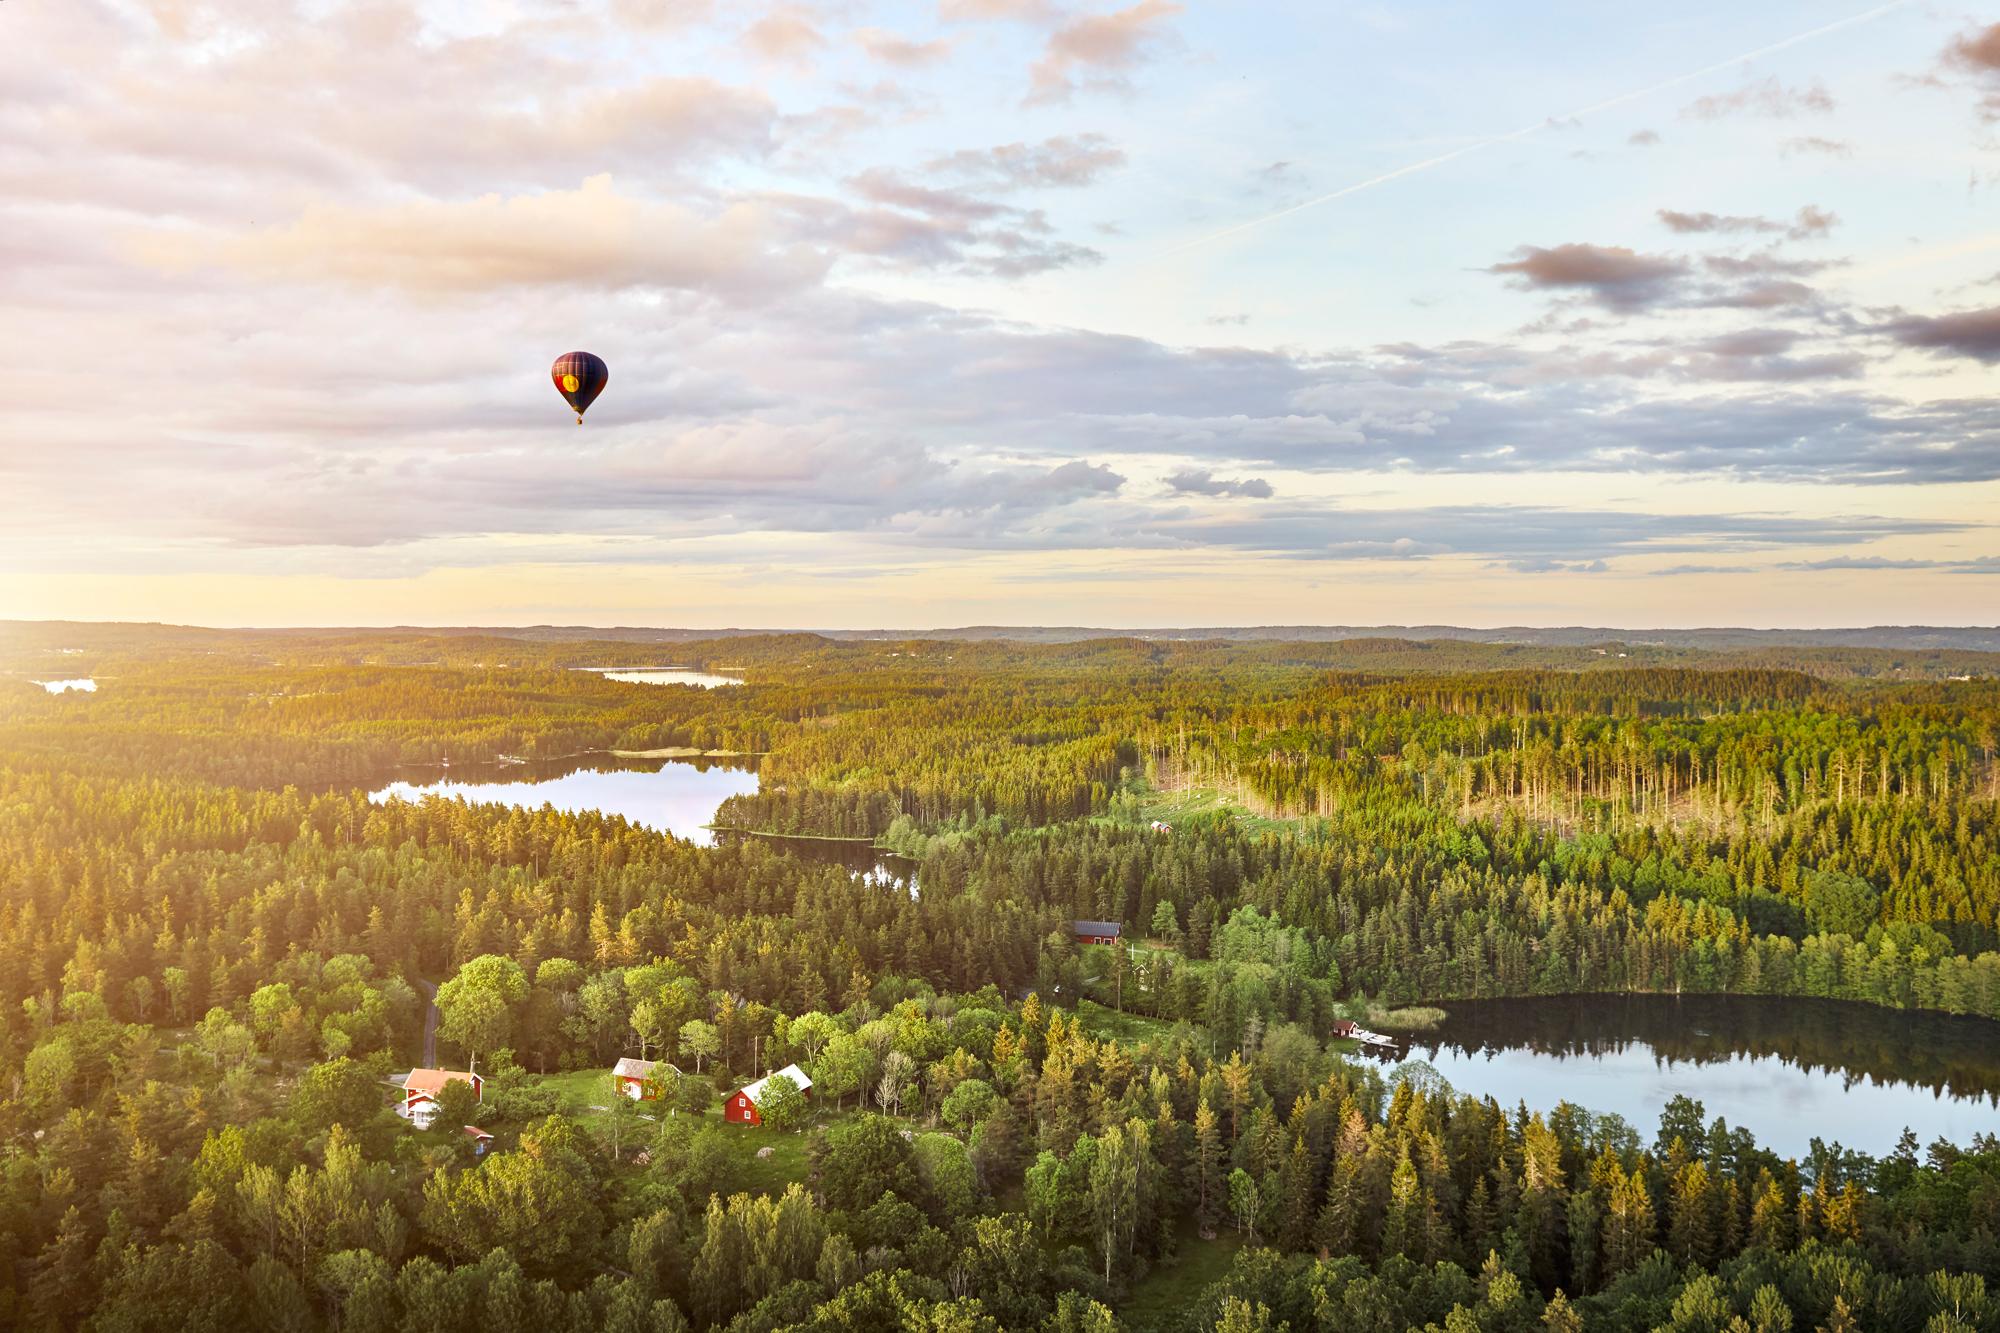 Luftballong i solnedgång över Smålands tusen sjöar och täta granskog, foto av Patrik Svedberg